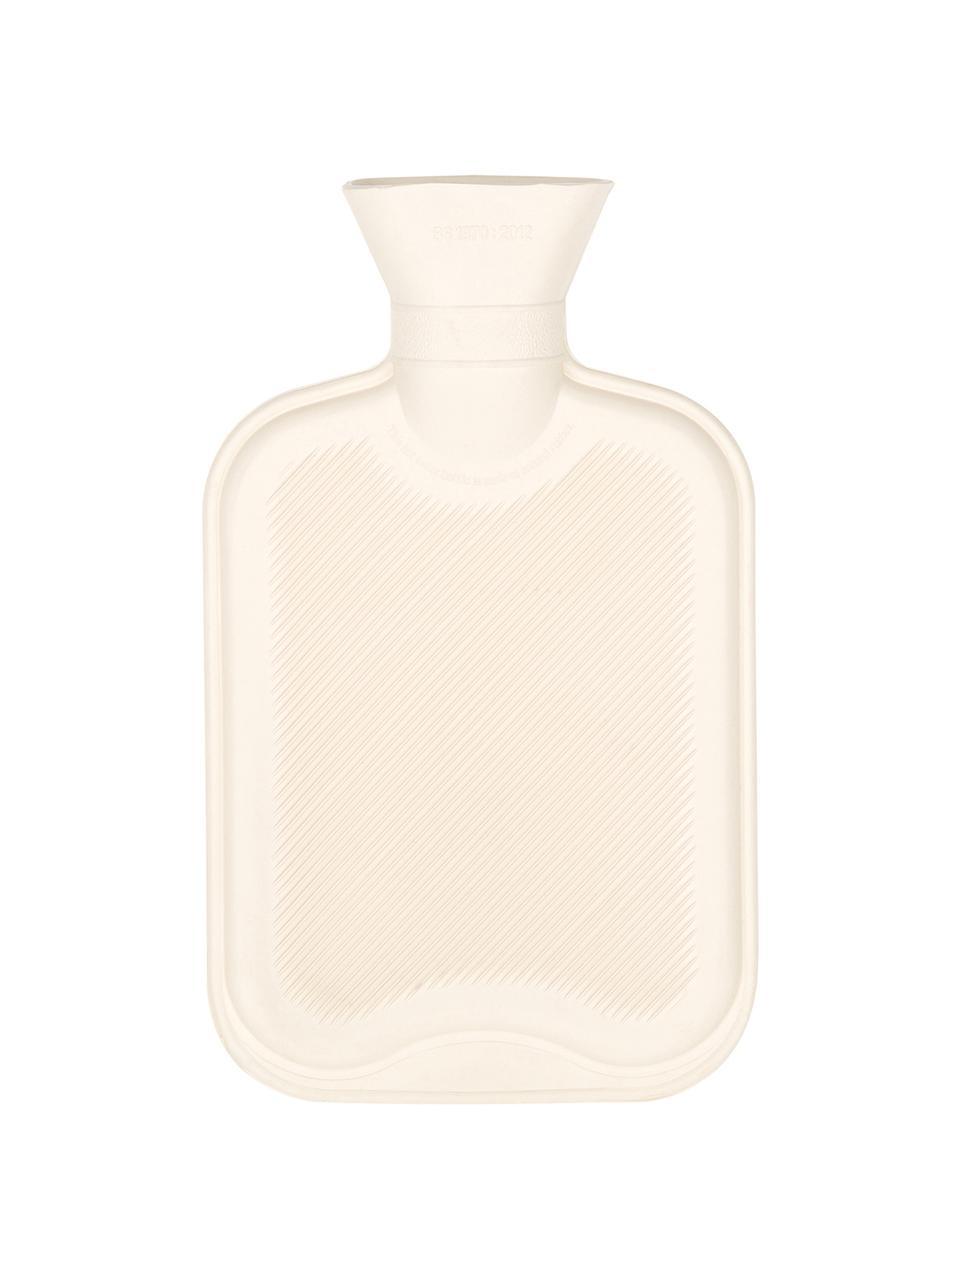 Kaschmir-Wärmflasche Florentina, Bezug: 70% Kaschmir, 30% Merinow, Bezug: DunkelgrauZierschleife: HellgrauWärmflasche: Cremeweiß, 19 x 30 cm